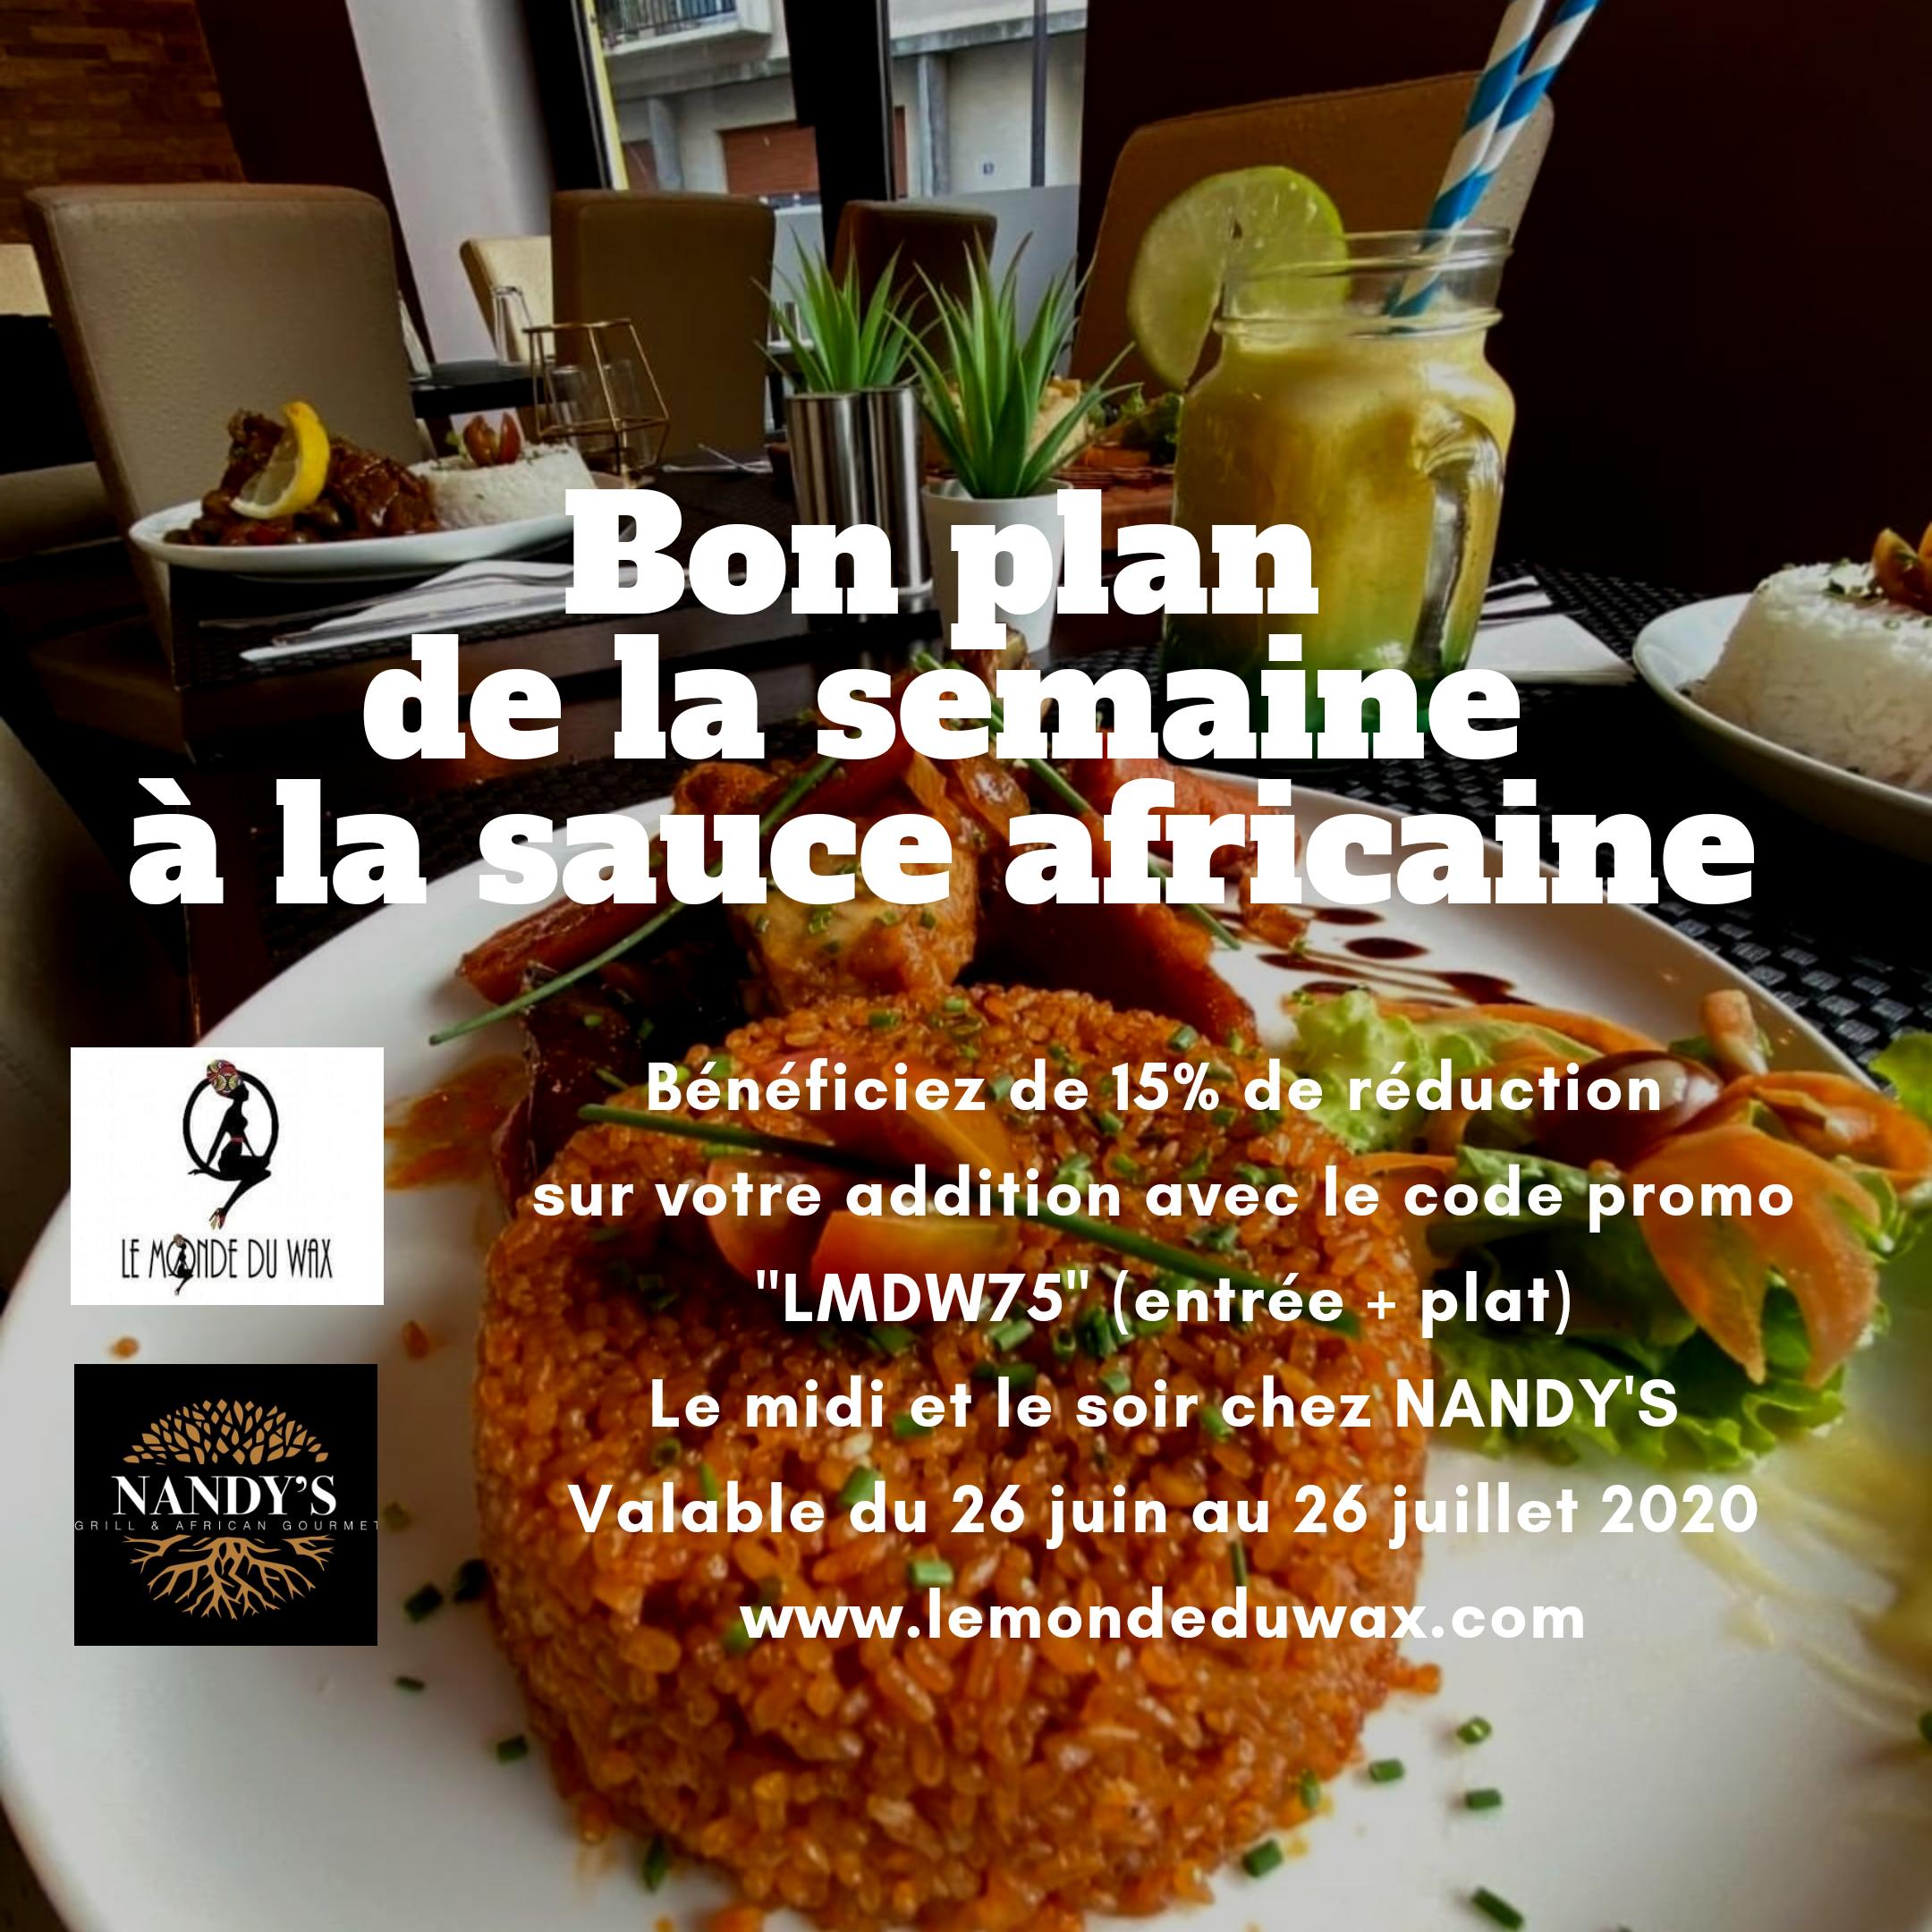 NANDY'S GRIL, le restaurant gastronomique Grill & Gourmet à Paris.